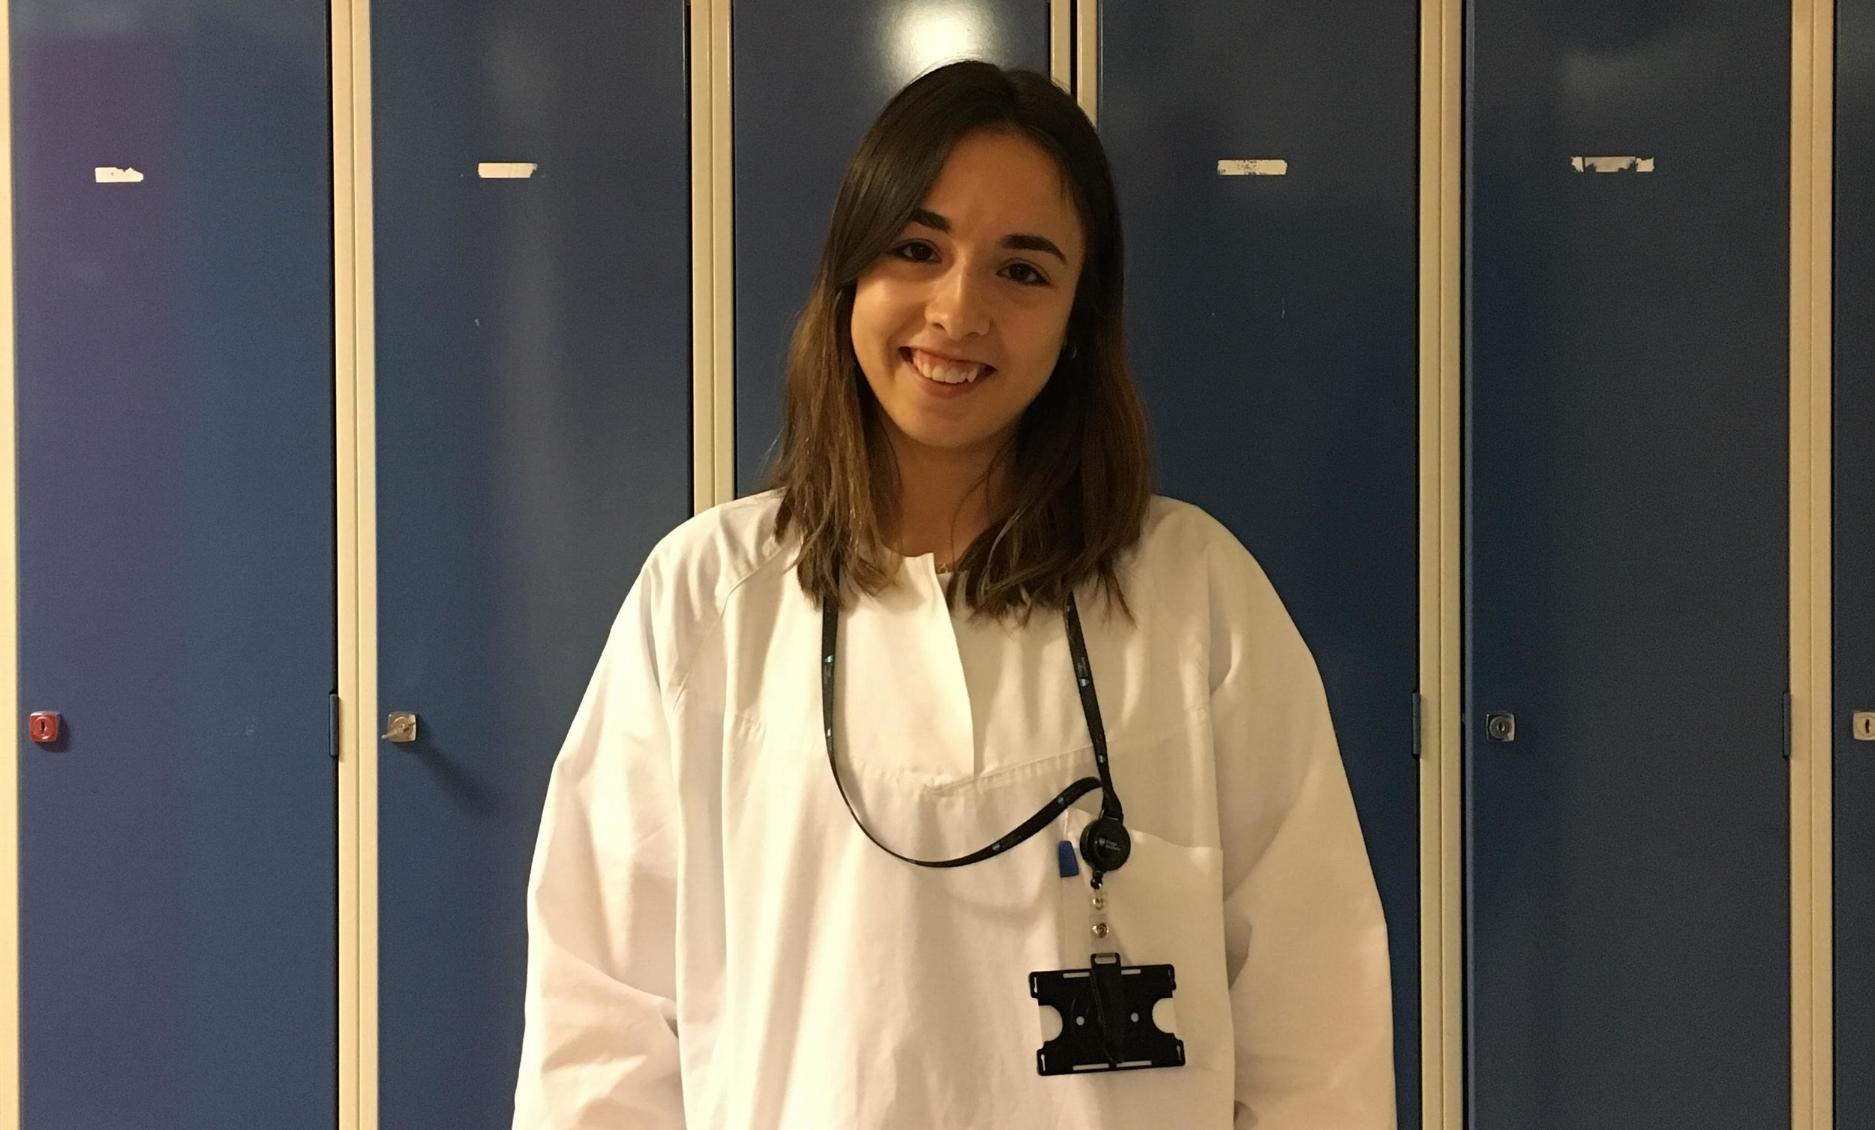 Andrea-3.jpg